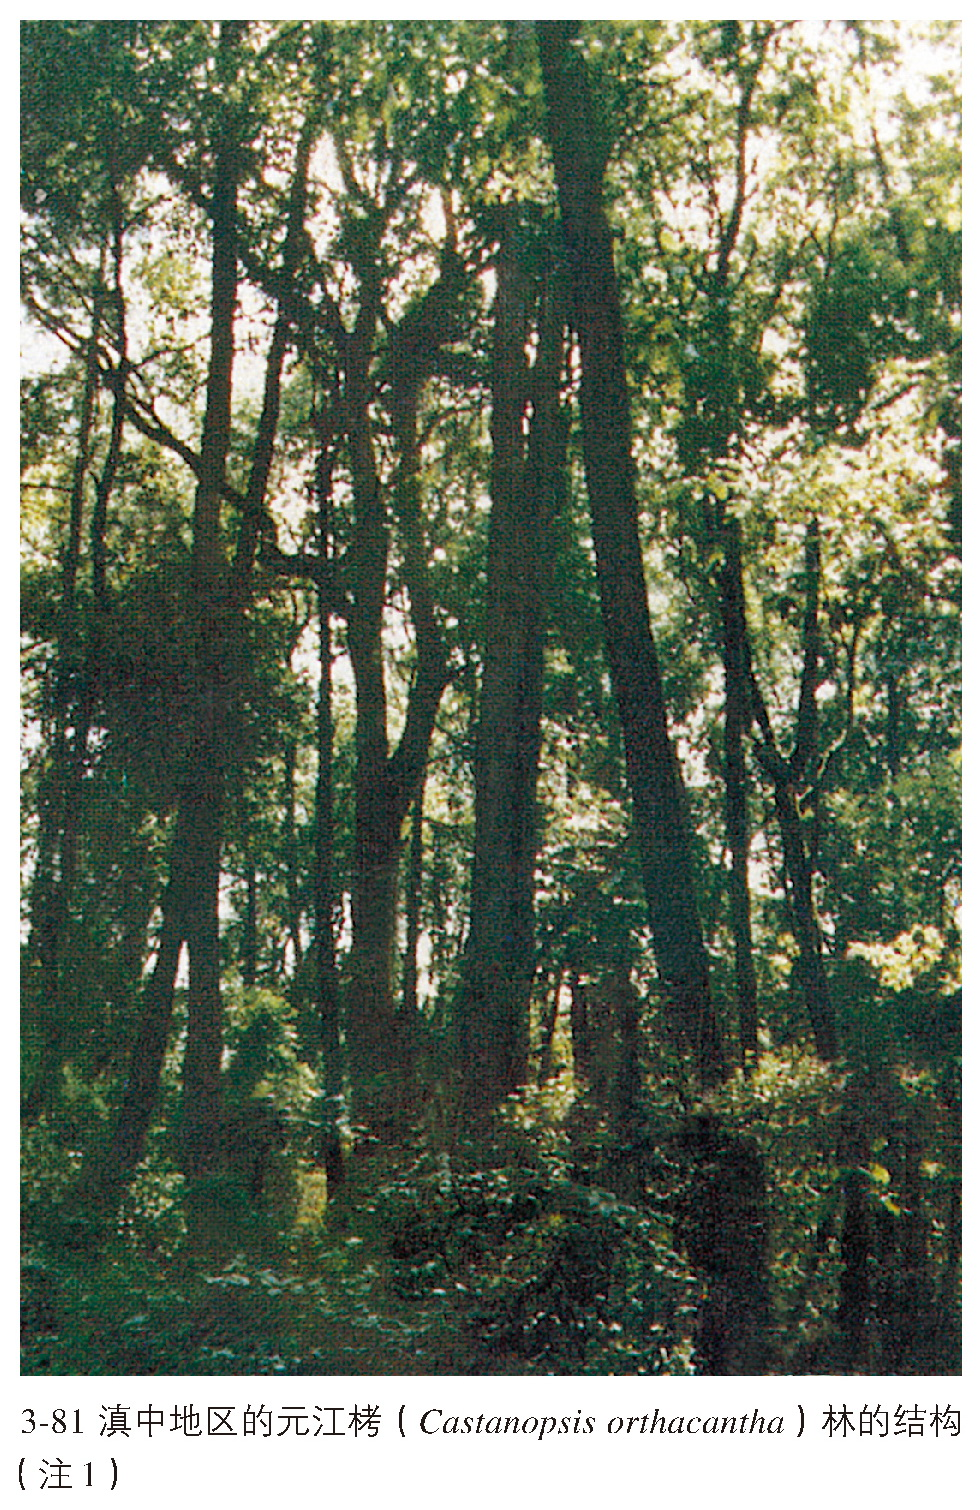 亚热带常绿阔叶林